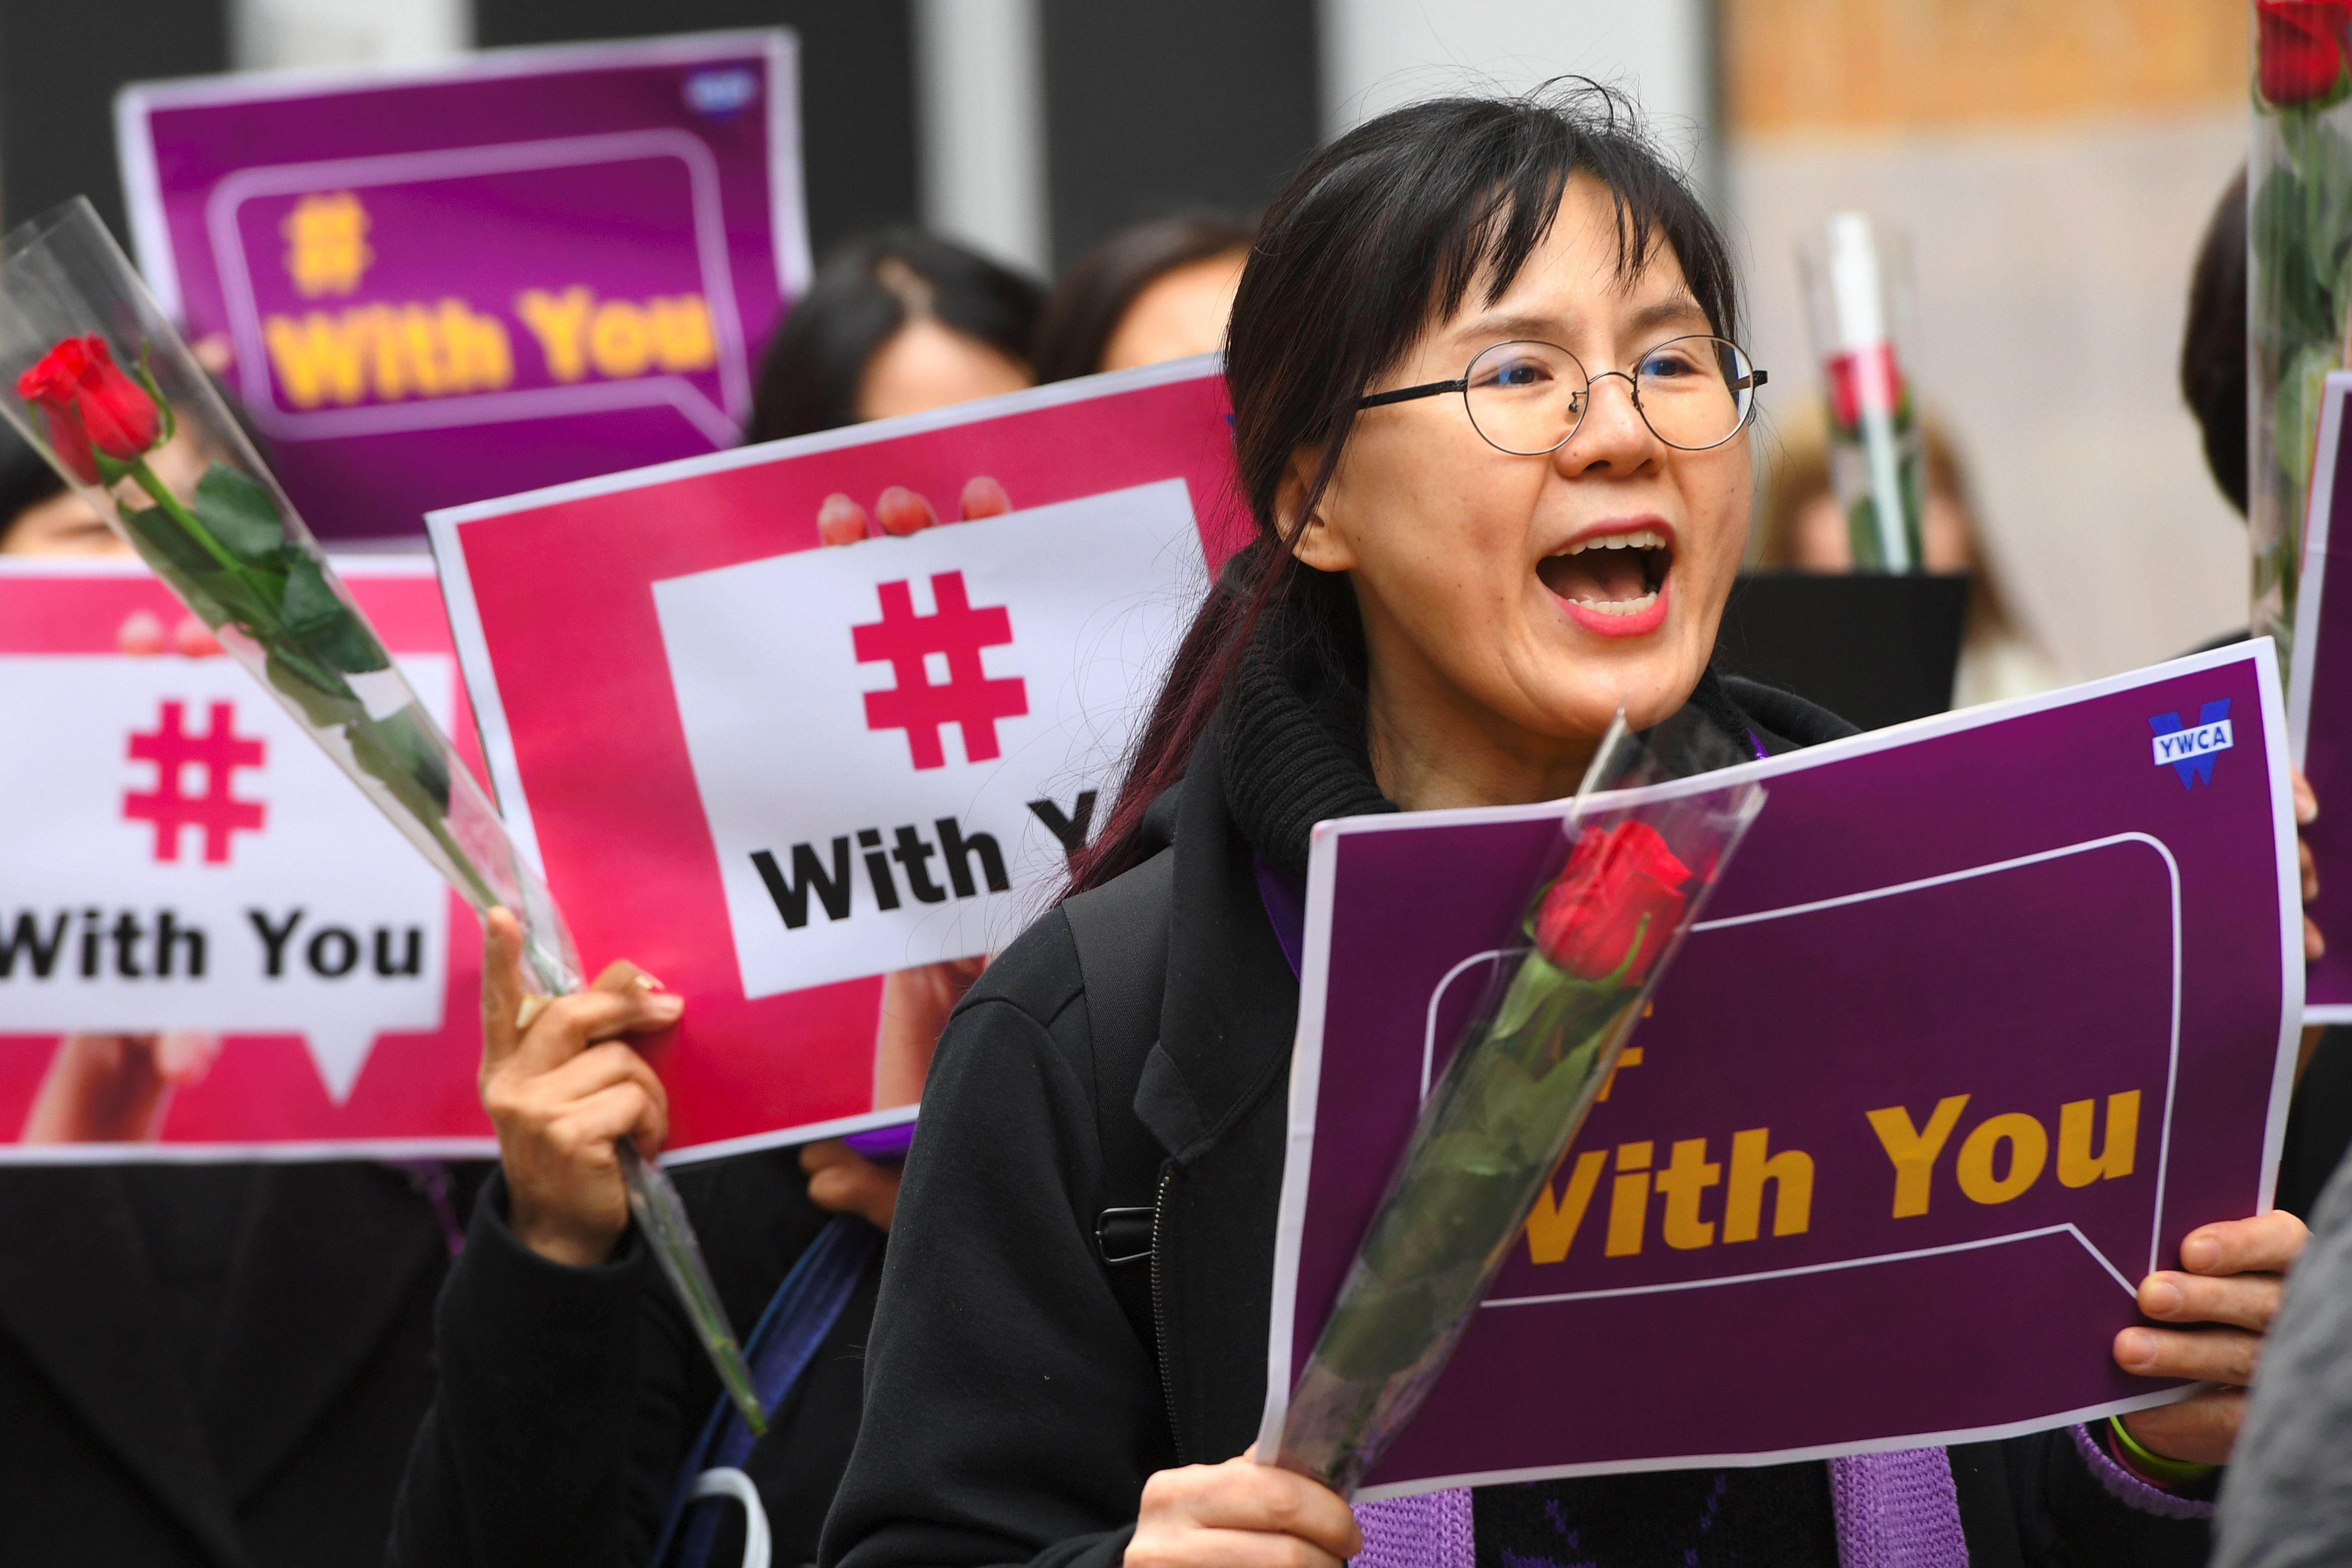 ورود احتفالا باليوم العالمى للمرأة